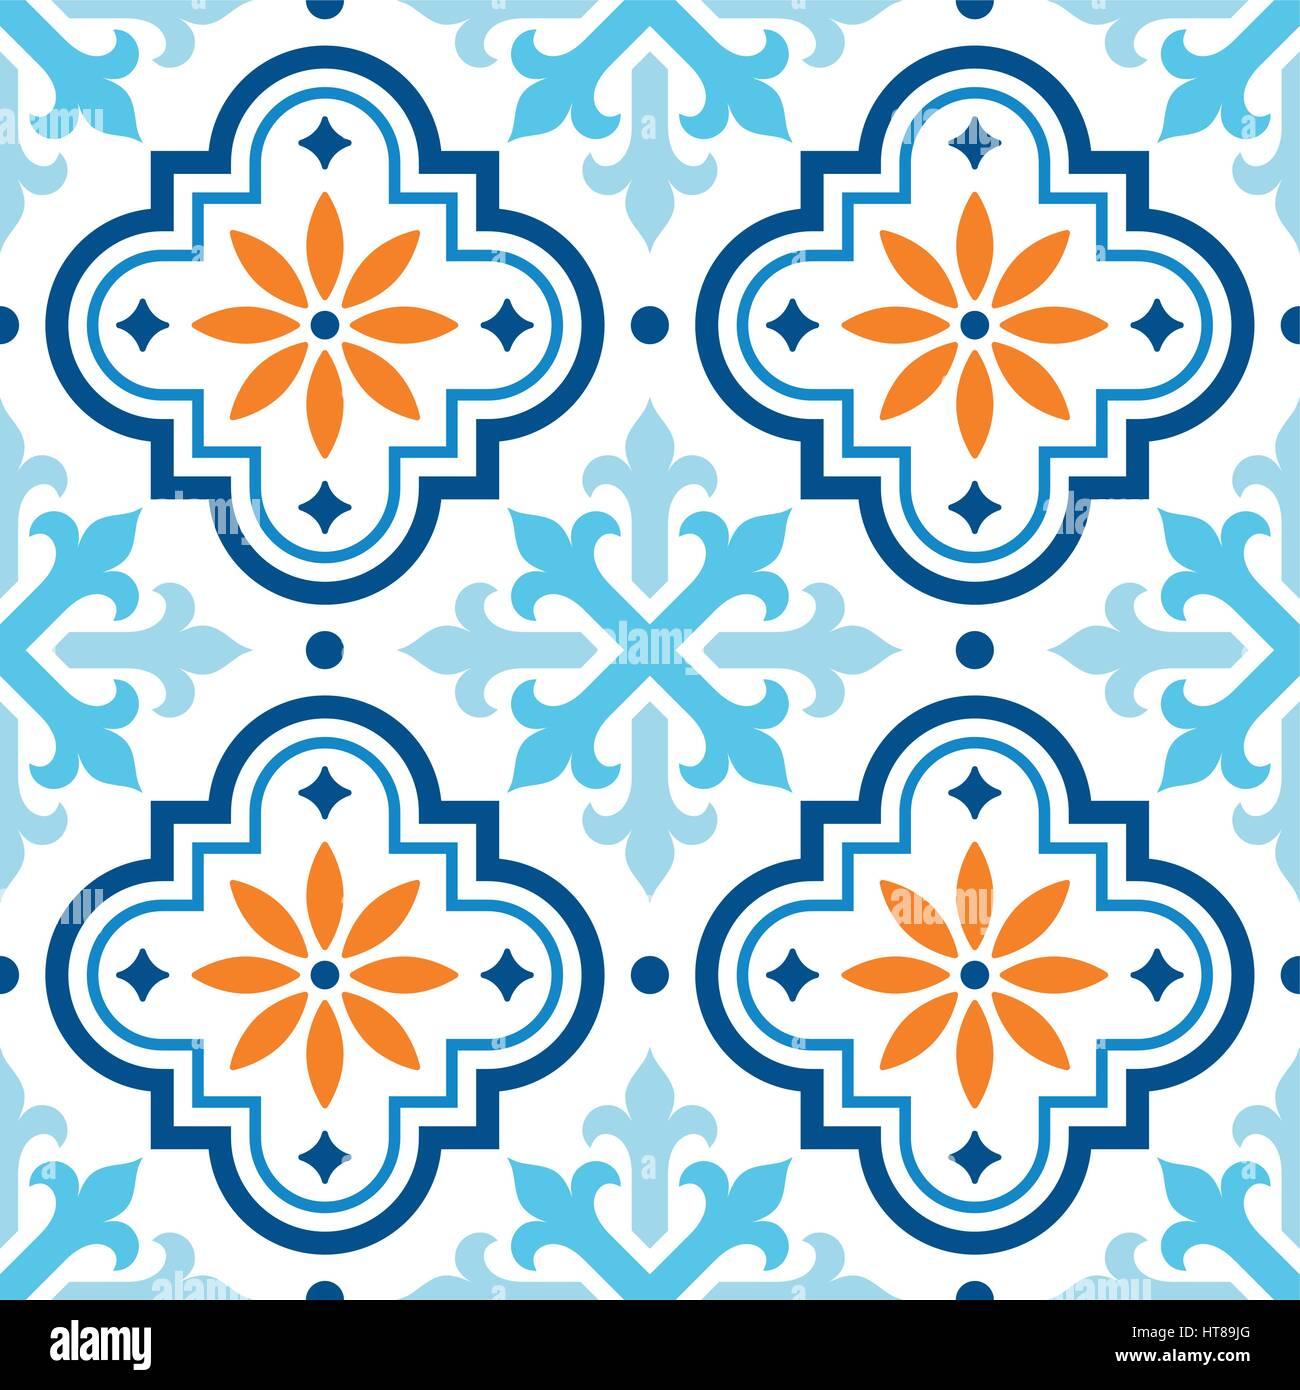 Spanische fliesen  Spanische Fliese Muster, marokkanischen Fliesen Design, nahtlose ...